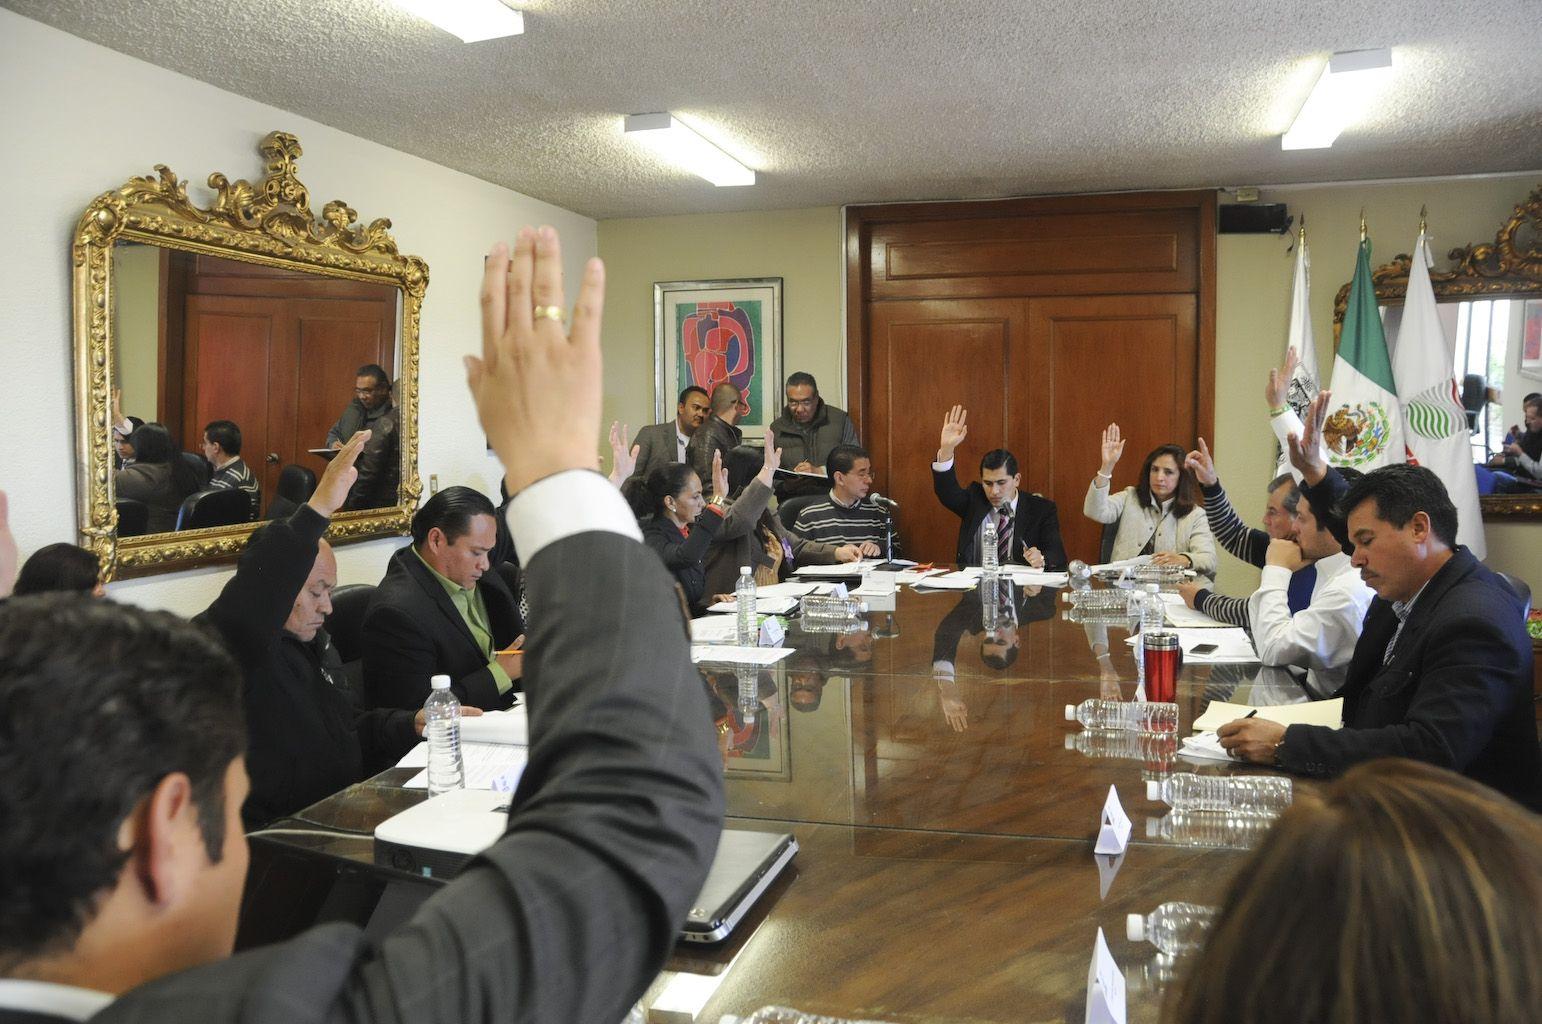 ACUERDA CABILDO DE ZACATECAS, RESTRUCTURACIÓN ADMINISTRATIVA SIN CRECER NÓMINA -  http://bit.ly/1baFw9F -